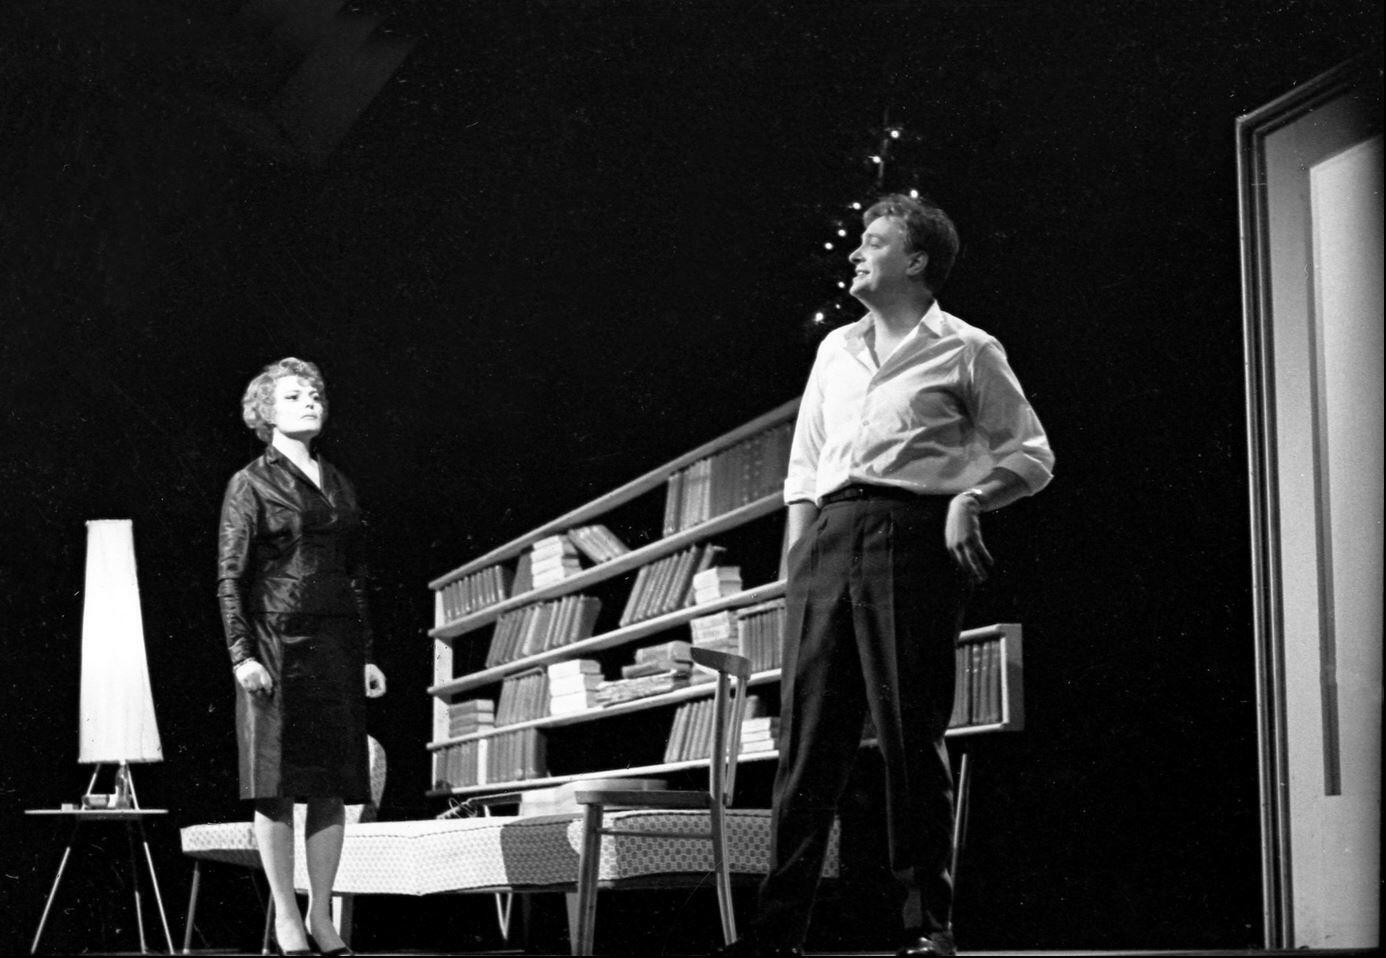 Спектакль «Еще раз про любовь» (1964), в роли Наташи – Татьяна Доронина, Феликса – Олег Басилашвили